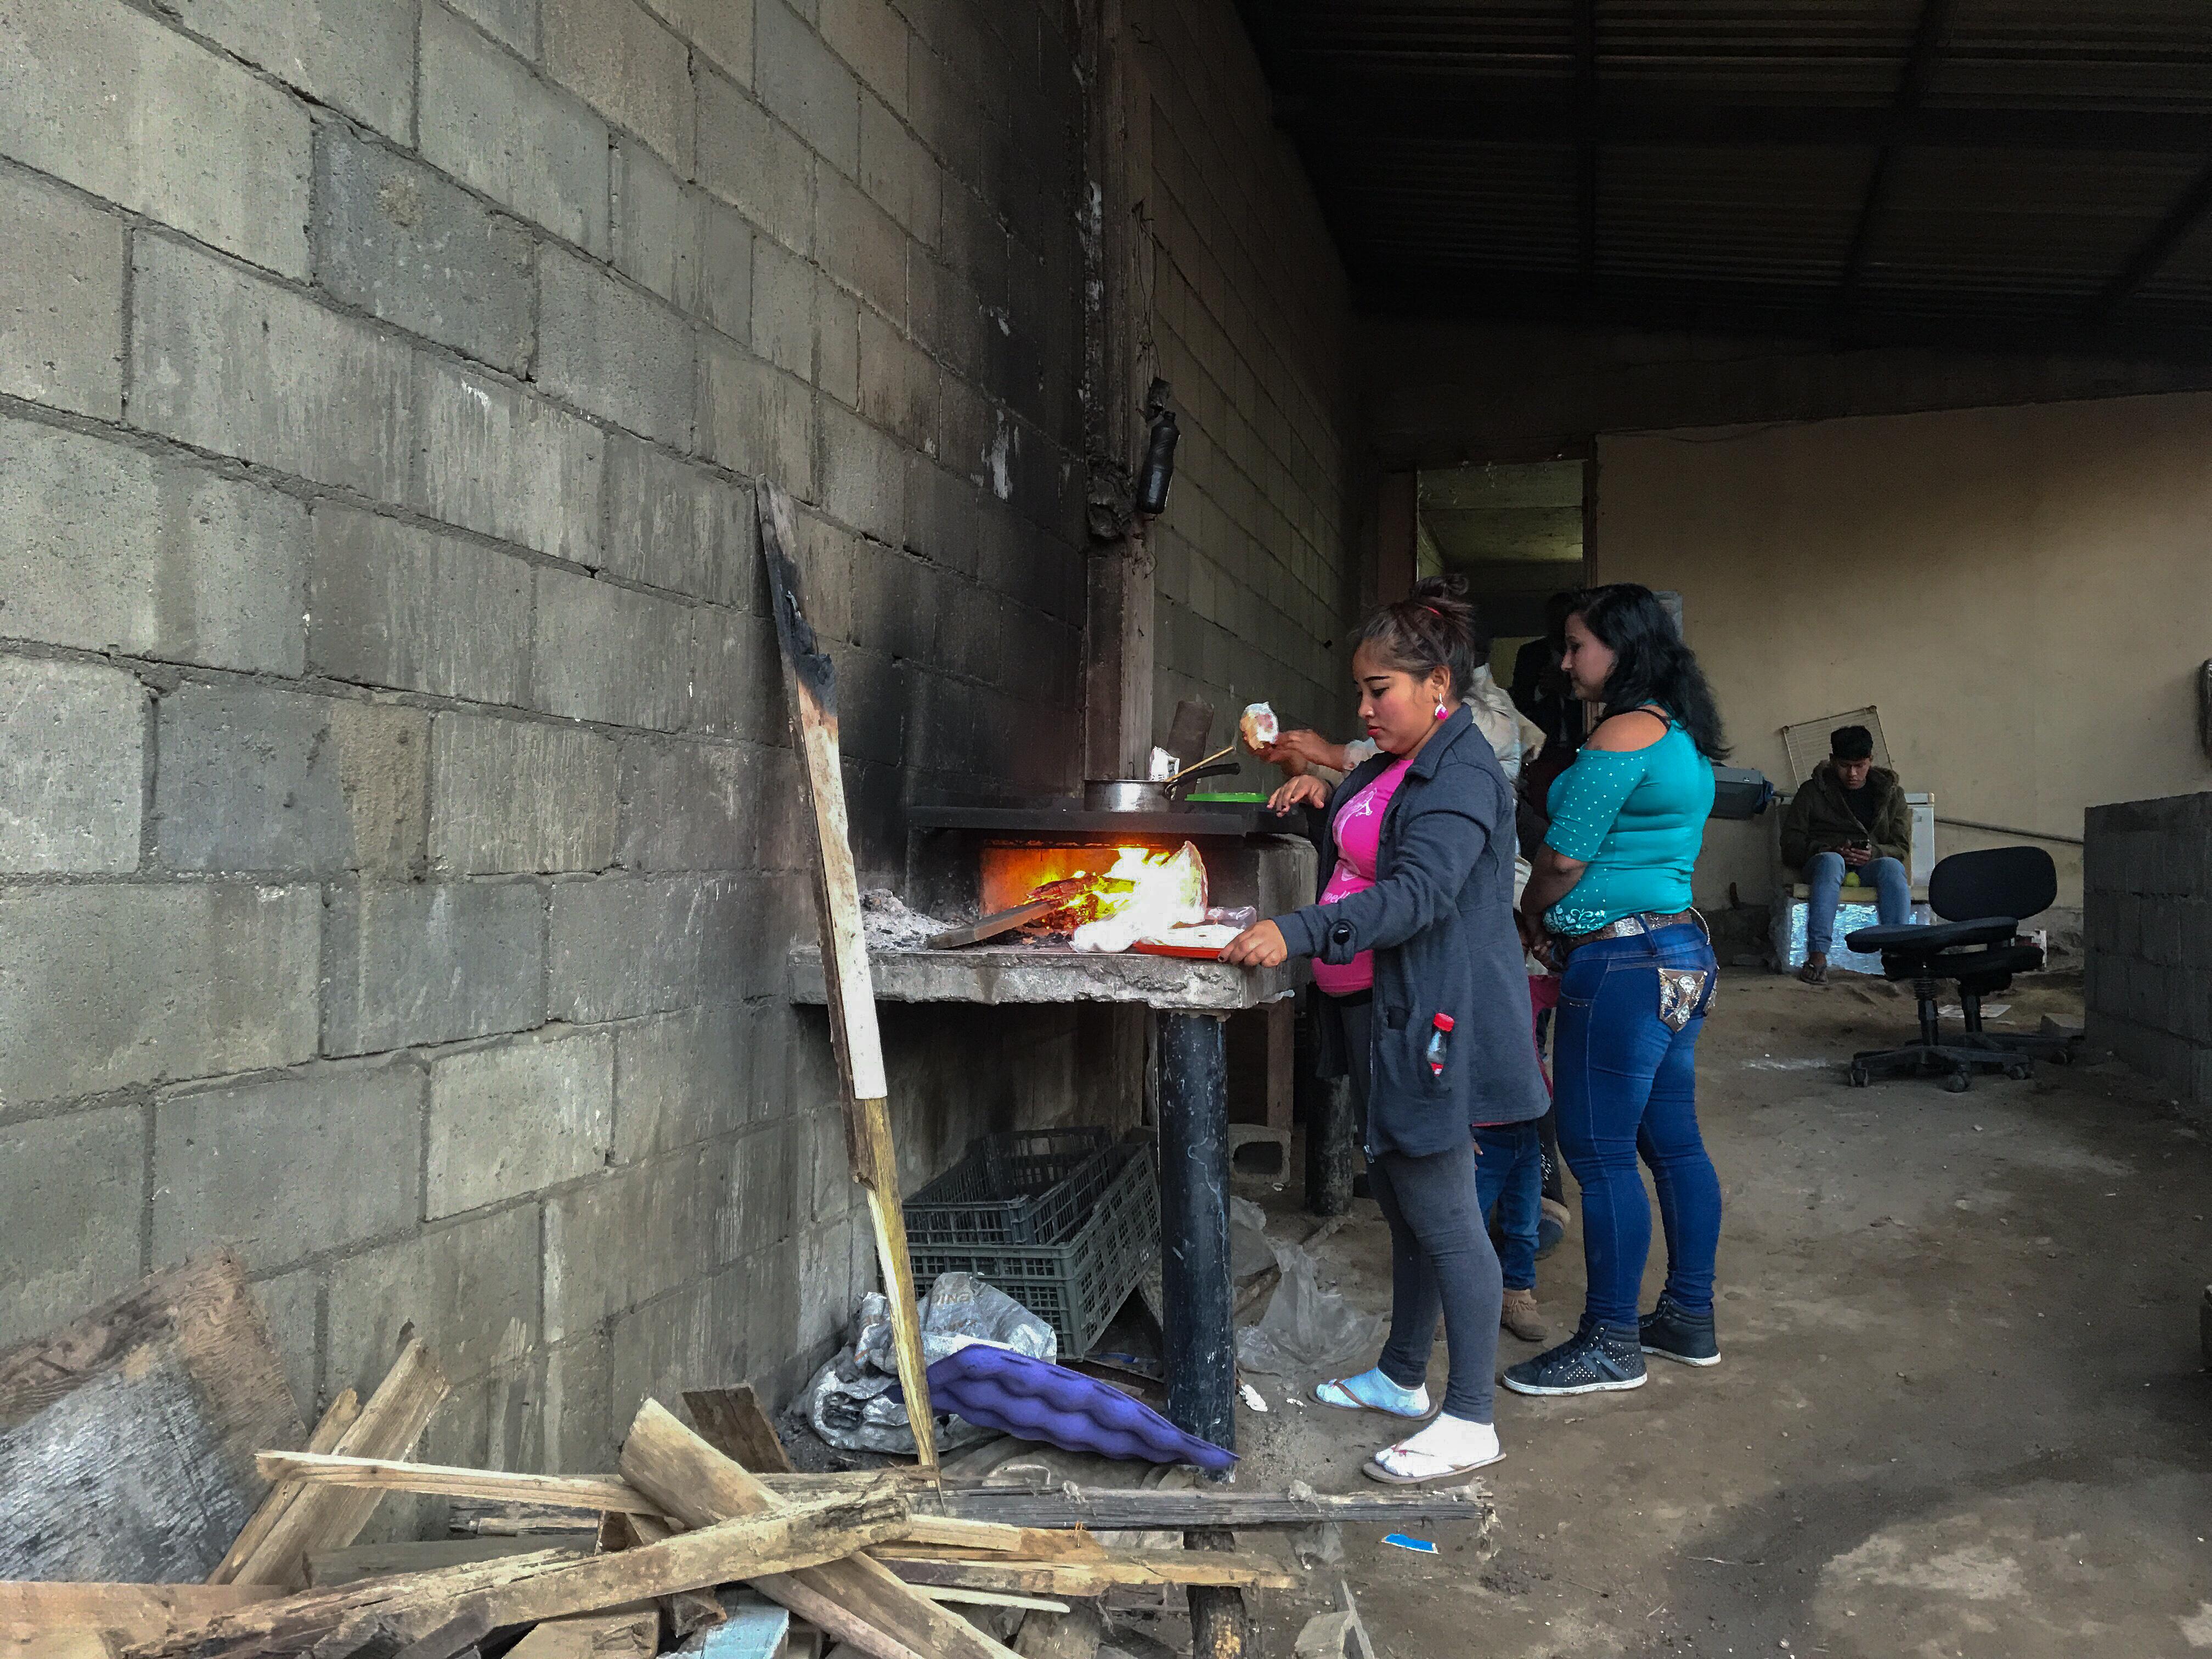 Mujeres cocinan en una cochera improvisada del templo. Fotografía por Flor Cervantes.